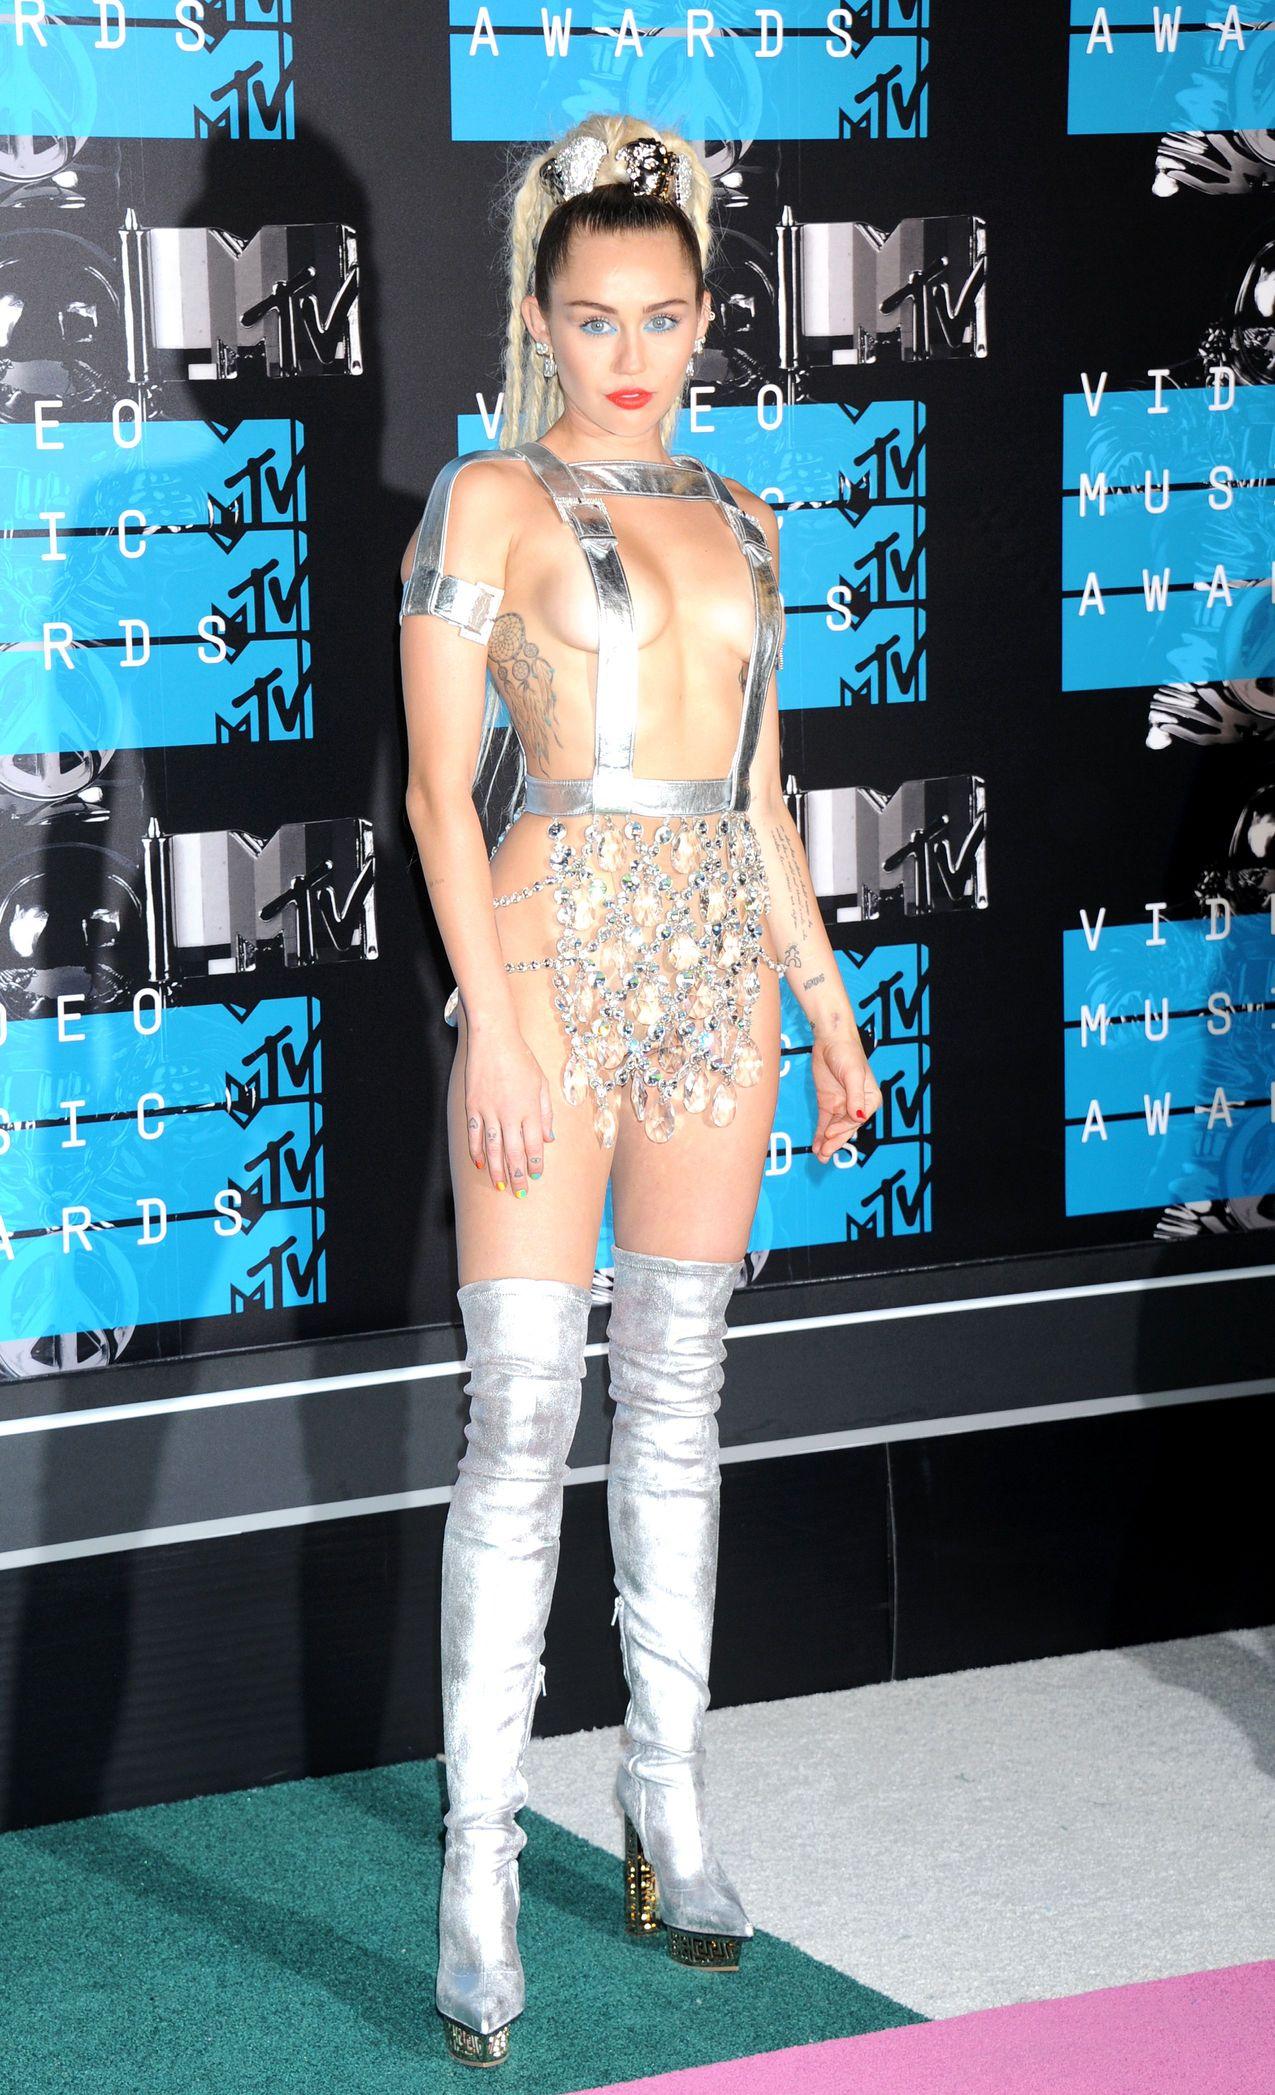 Miley-Cyrus-Sexy-72